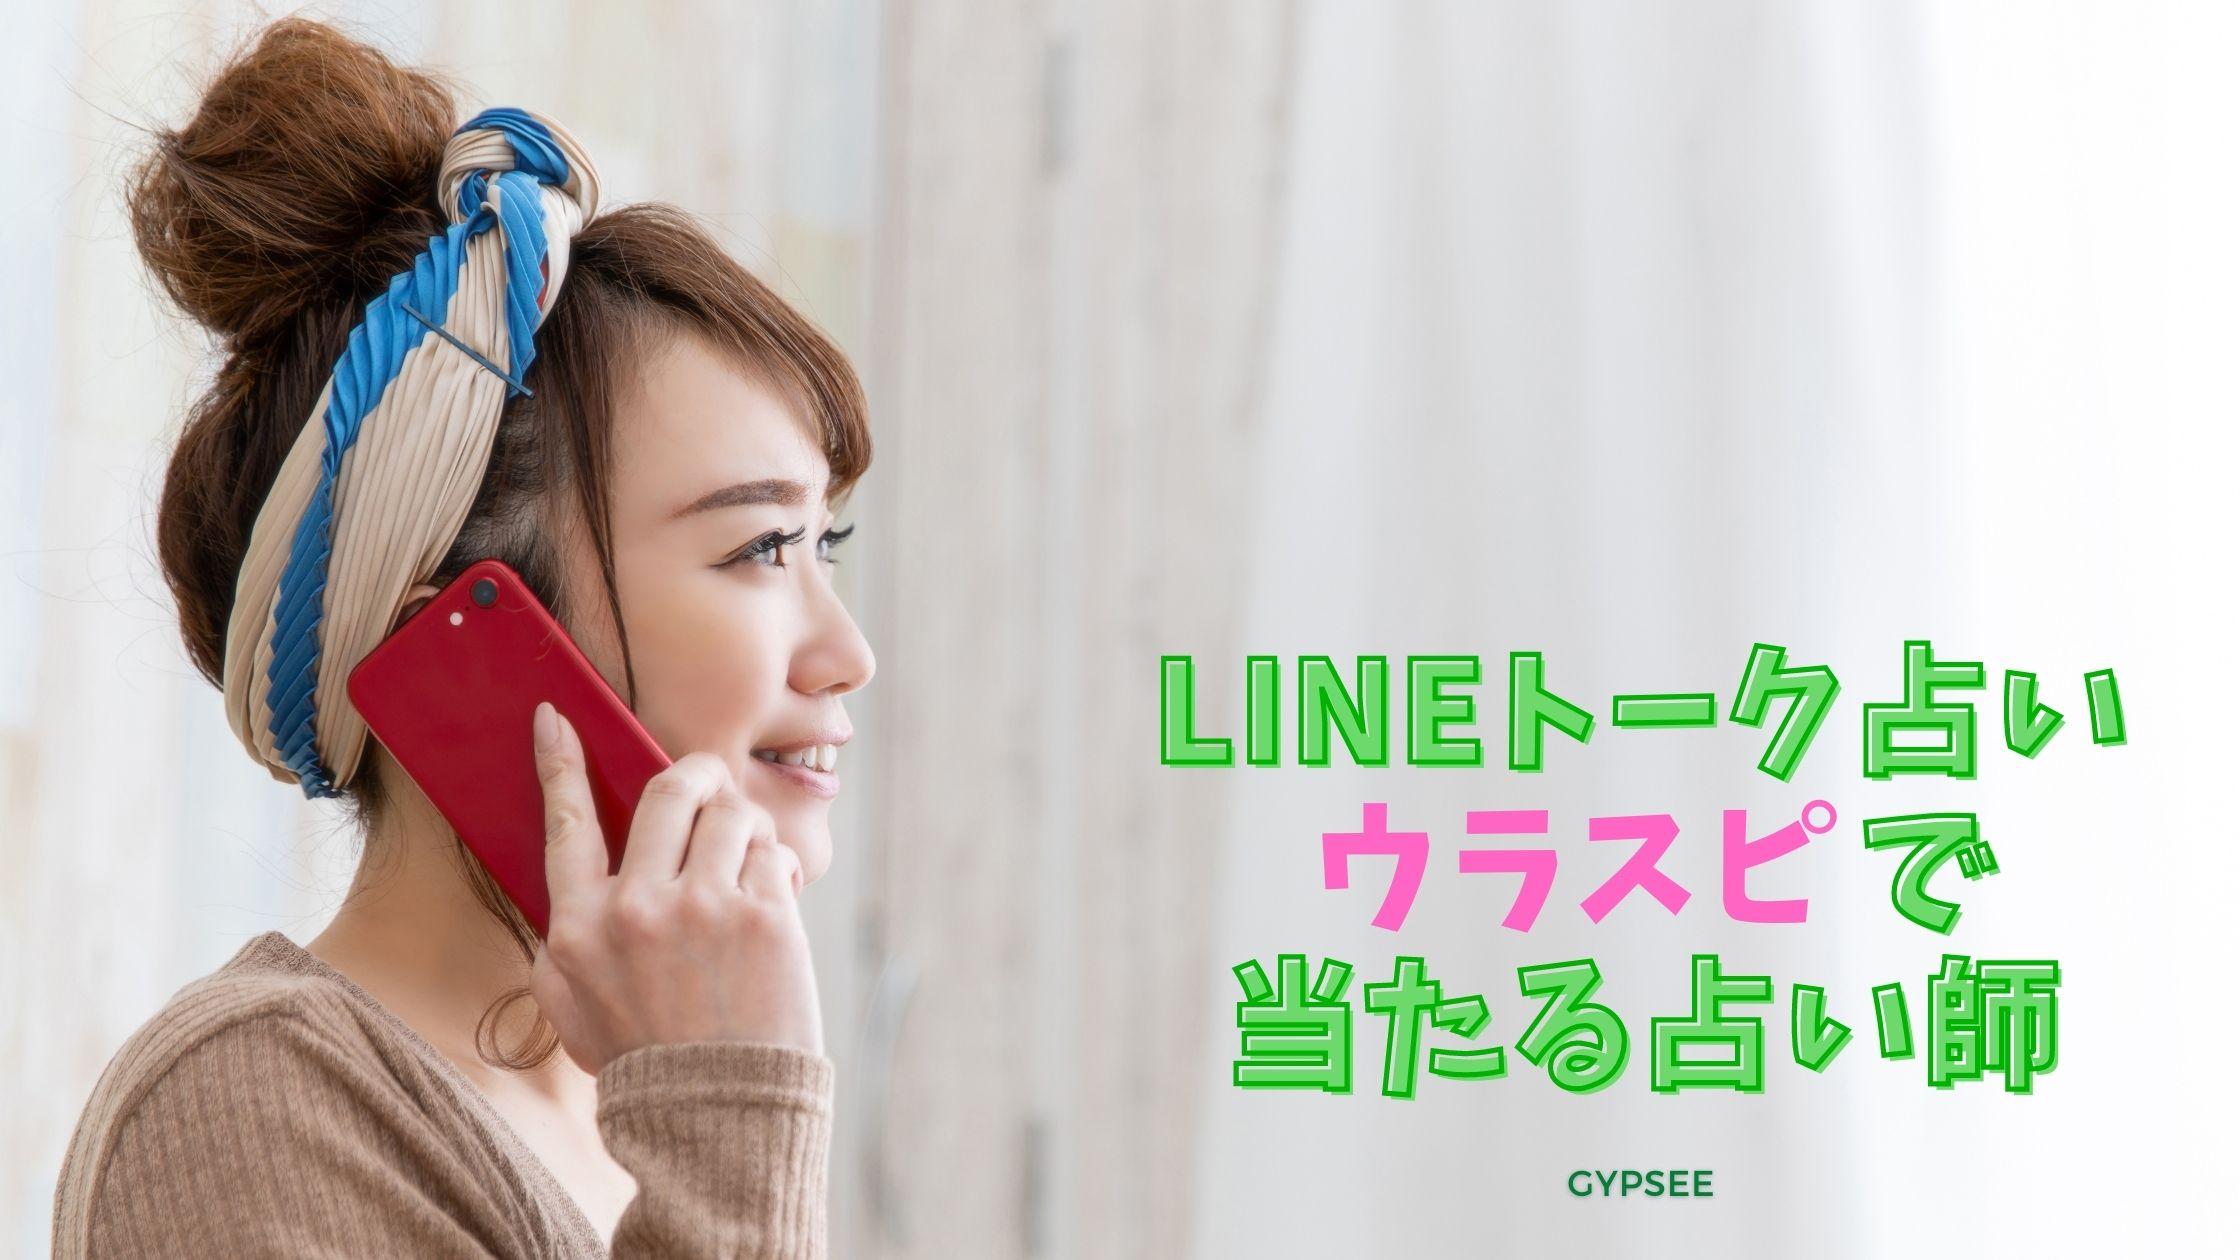 【LINEトーク占い】ウラスピで人気の当たる占い師口コミまとめ!